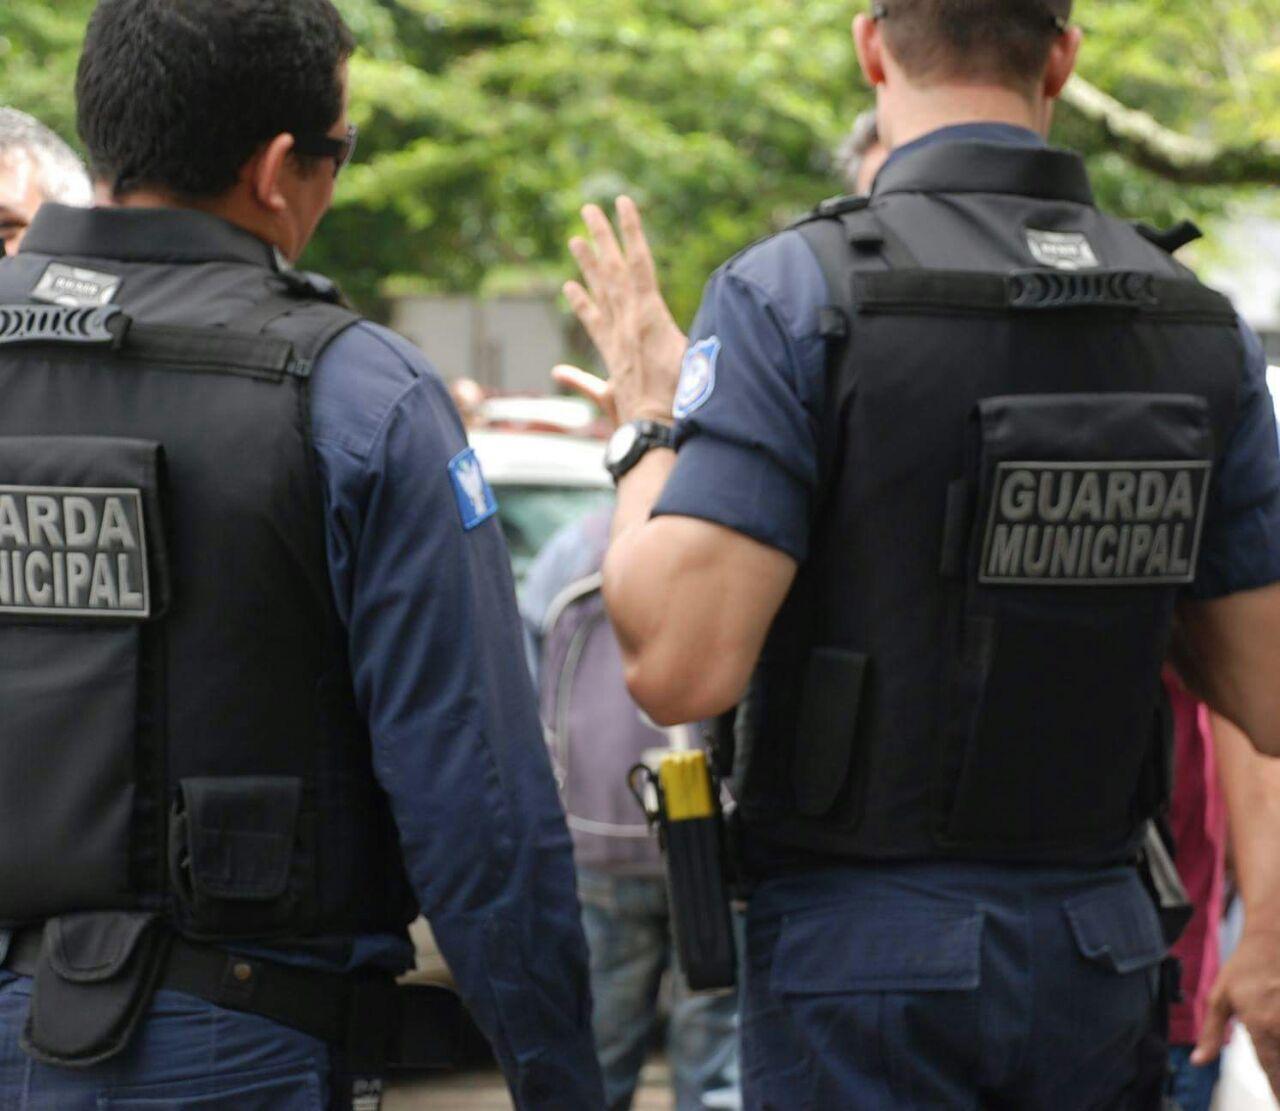 Guardas civis municipais